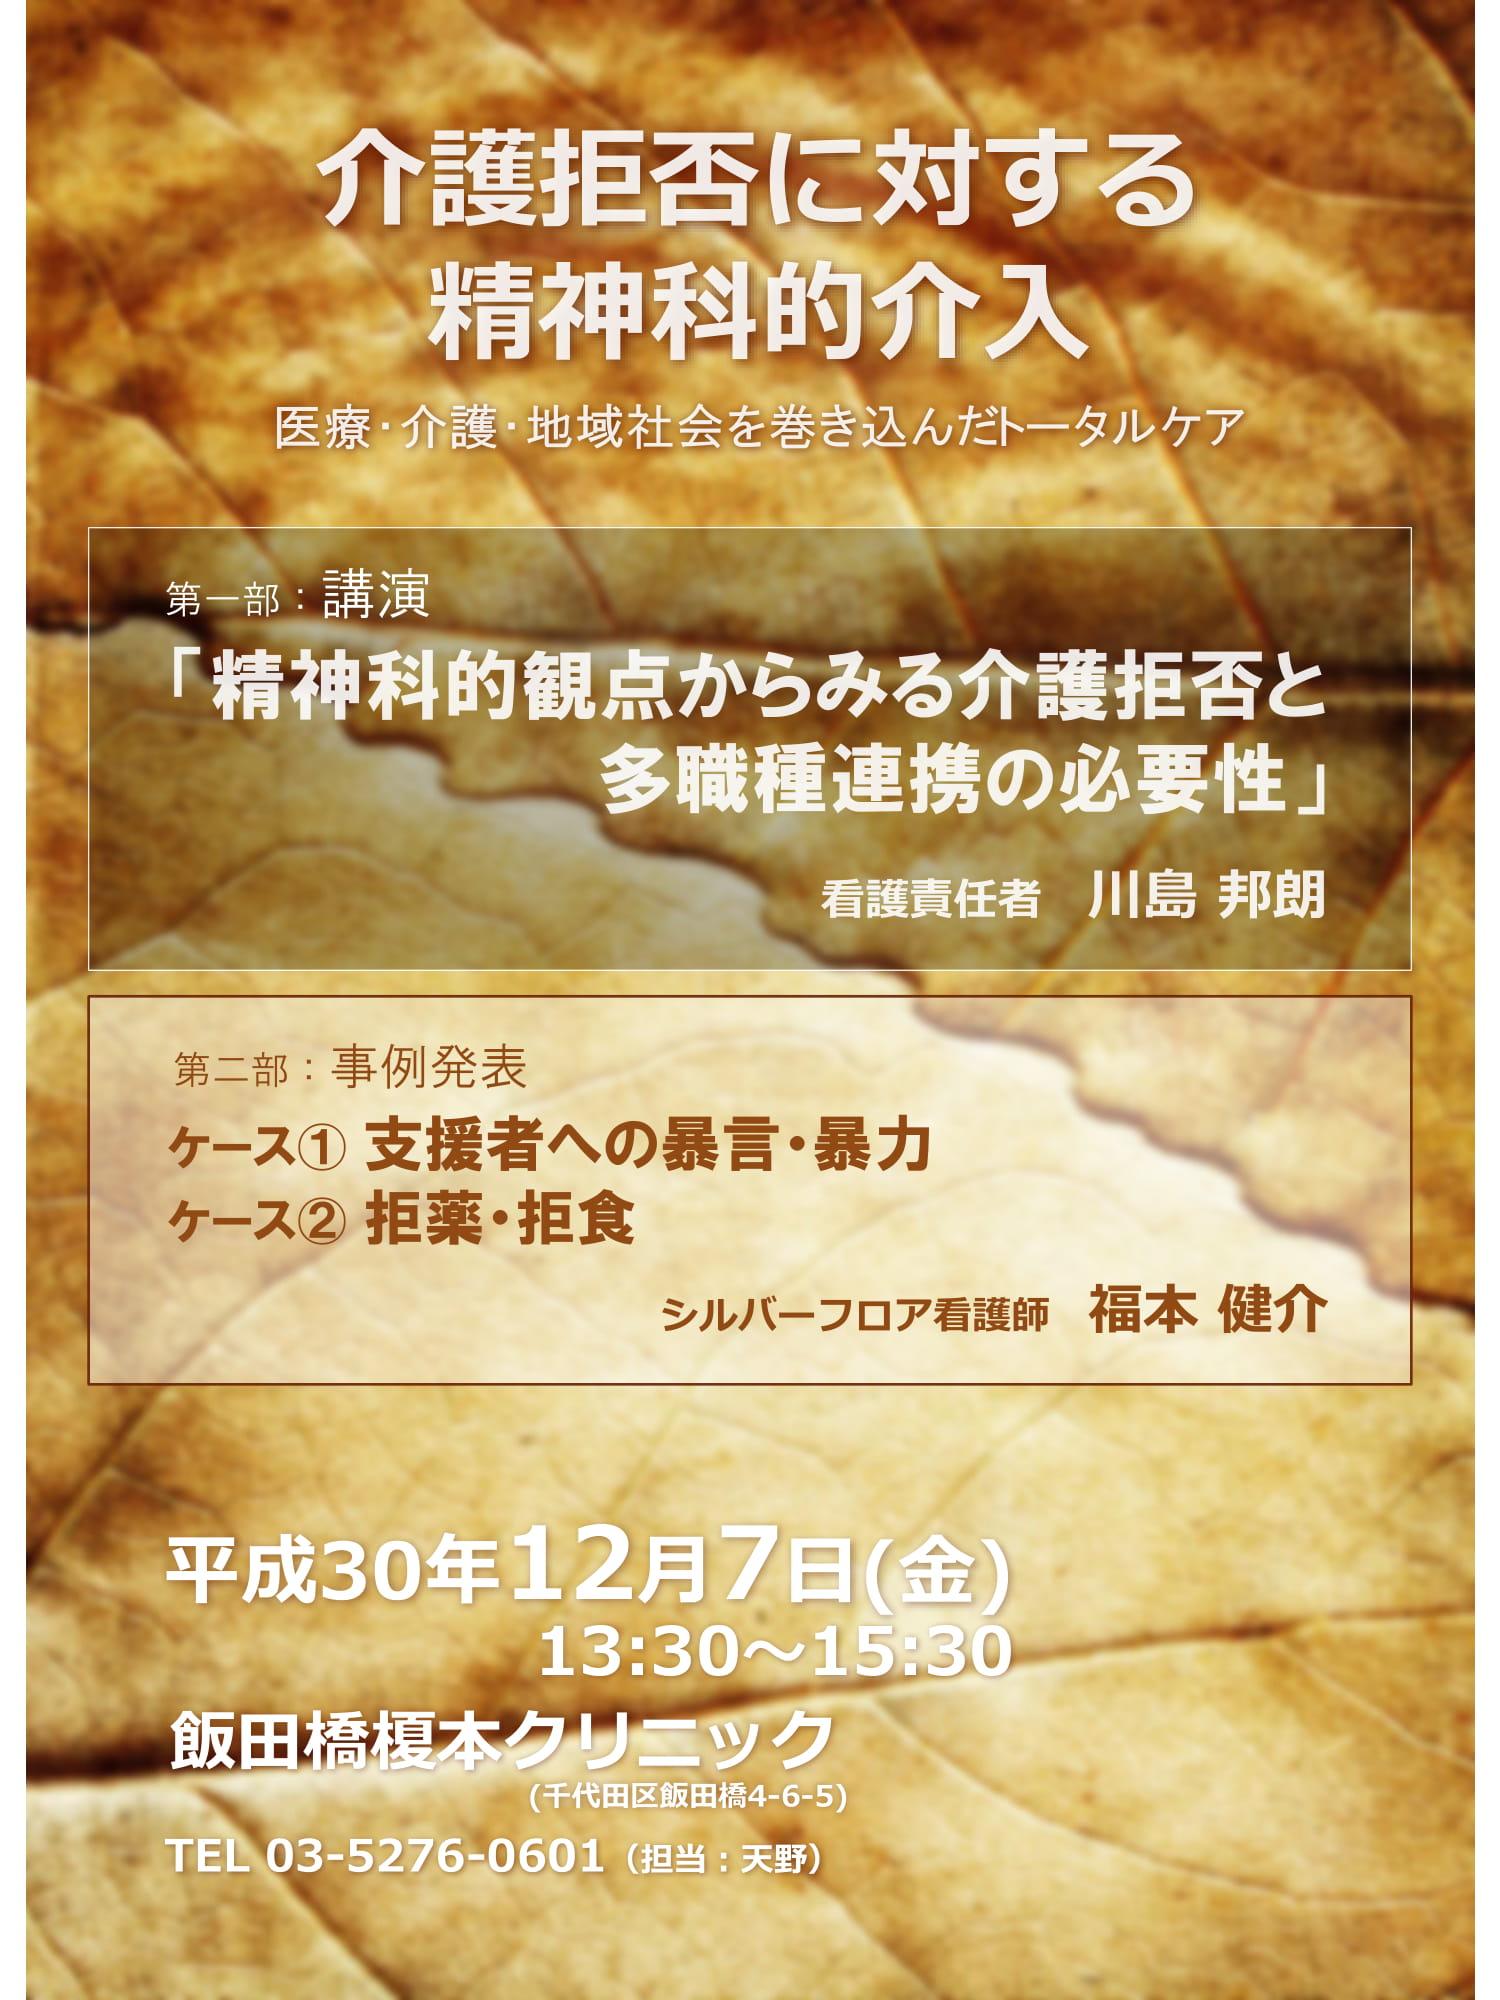 2018.12.7(飯)シルバー講演会チラシ